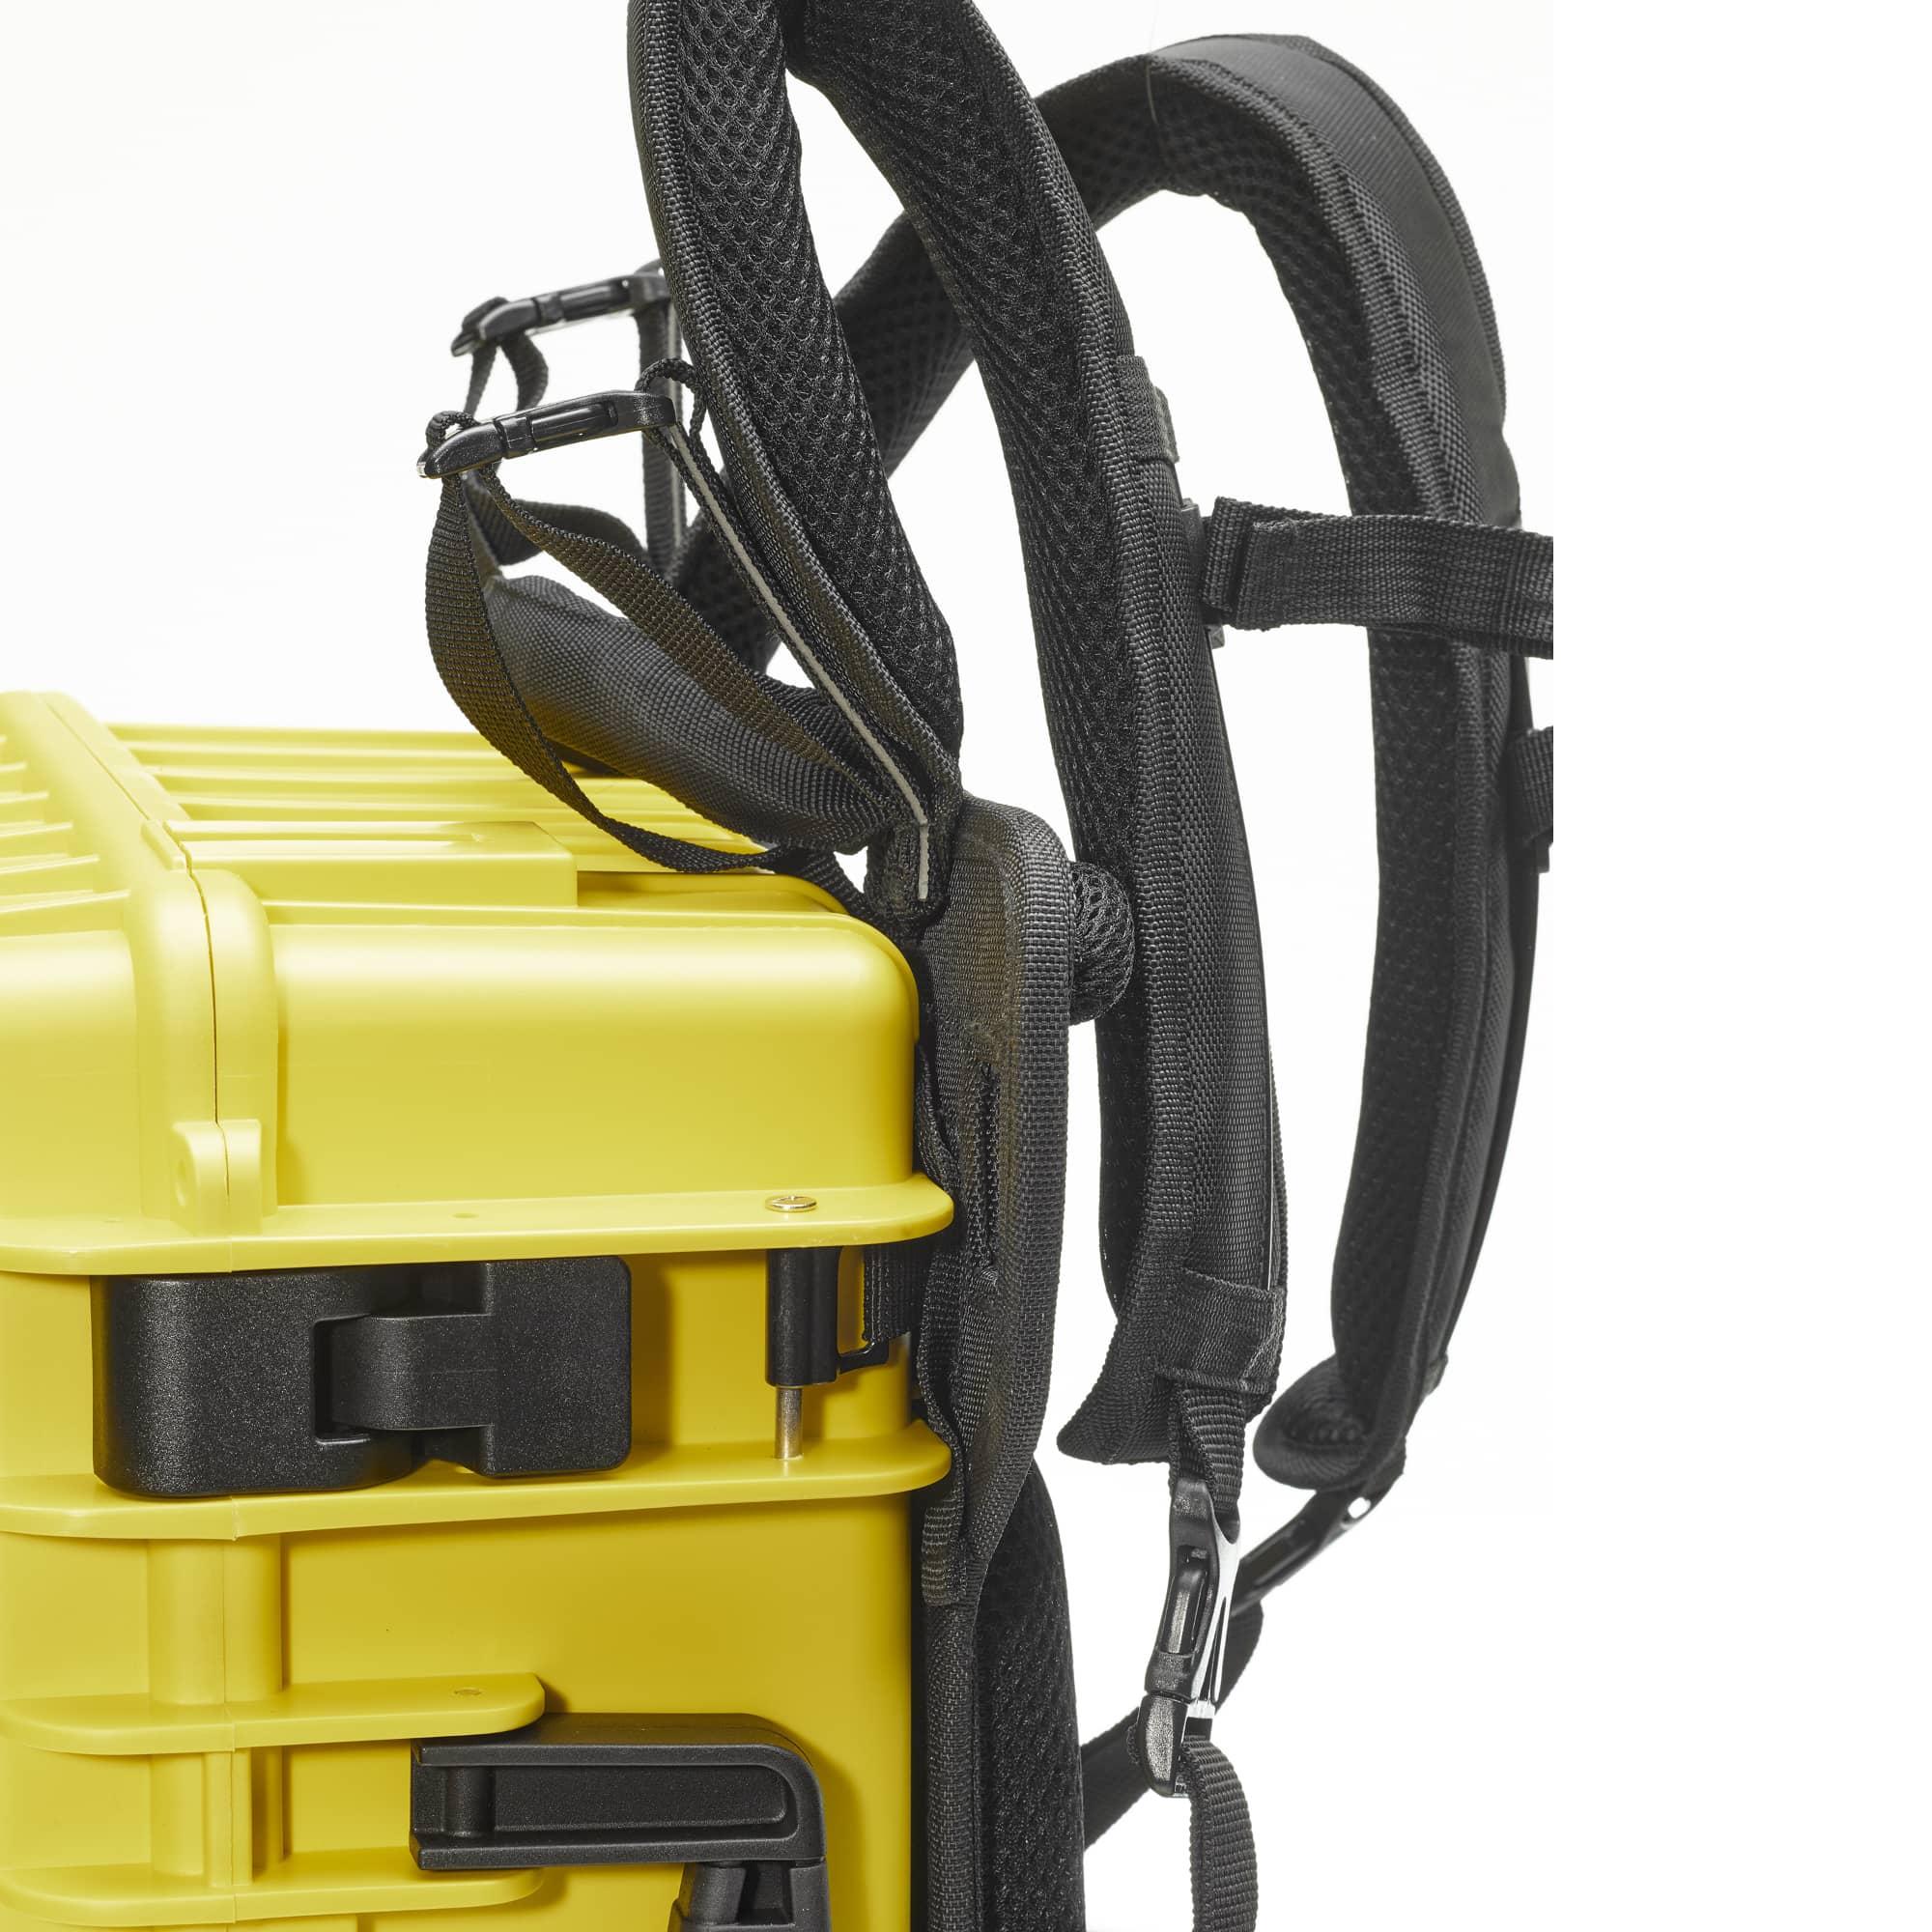 Rucksacksystem für B&W Outdoor Cases